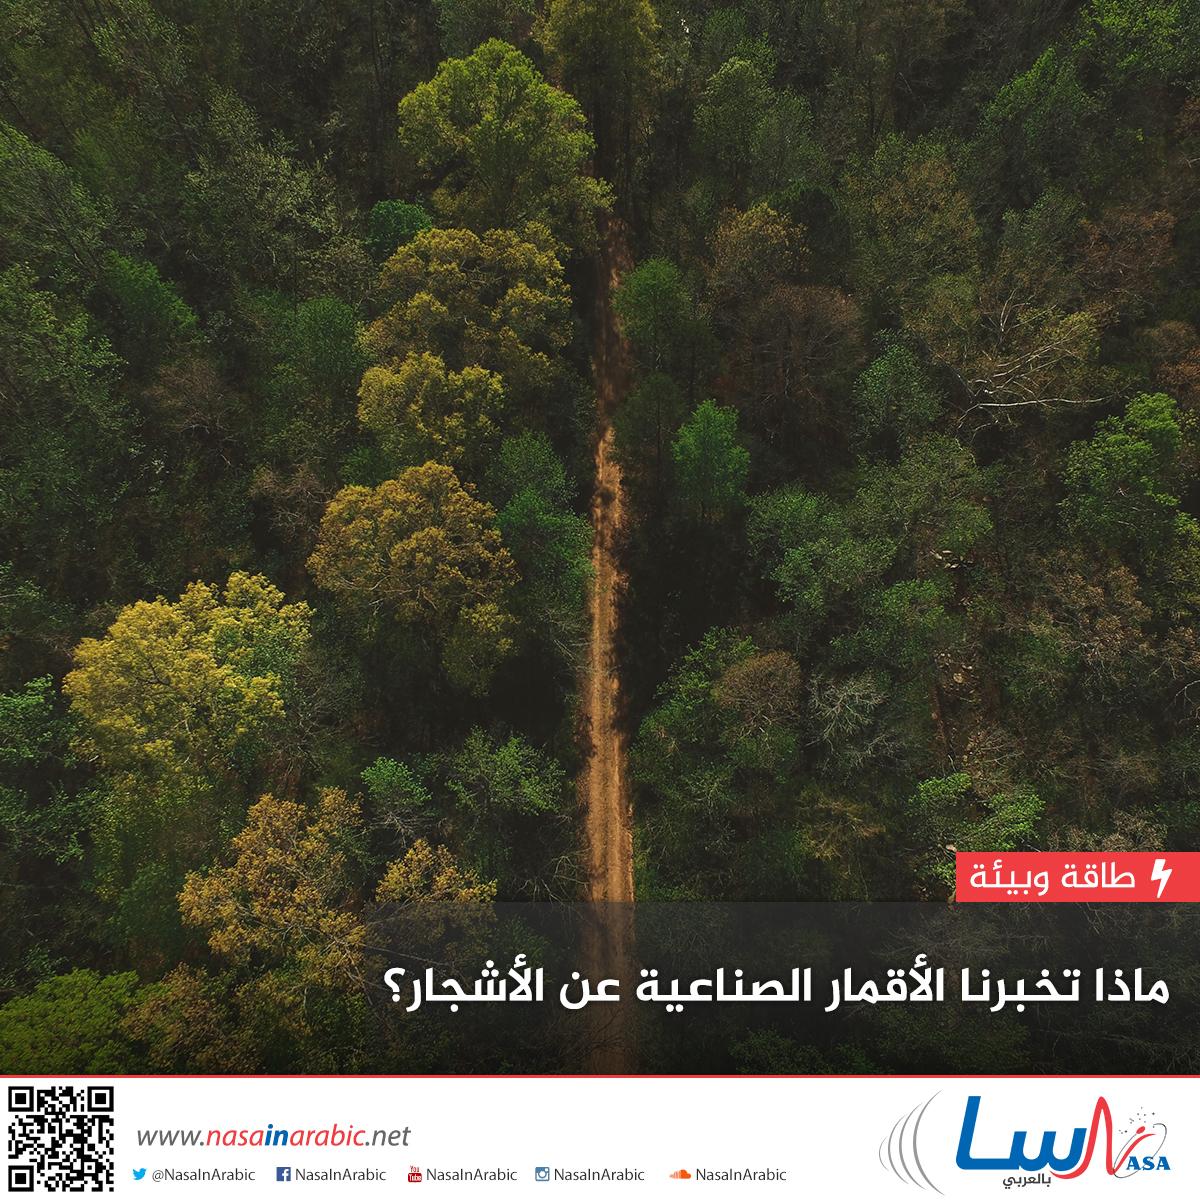 ماذا تخبرنا الأقمار الصناعية عن الأشجار؟